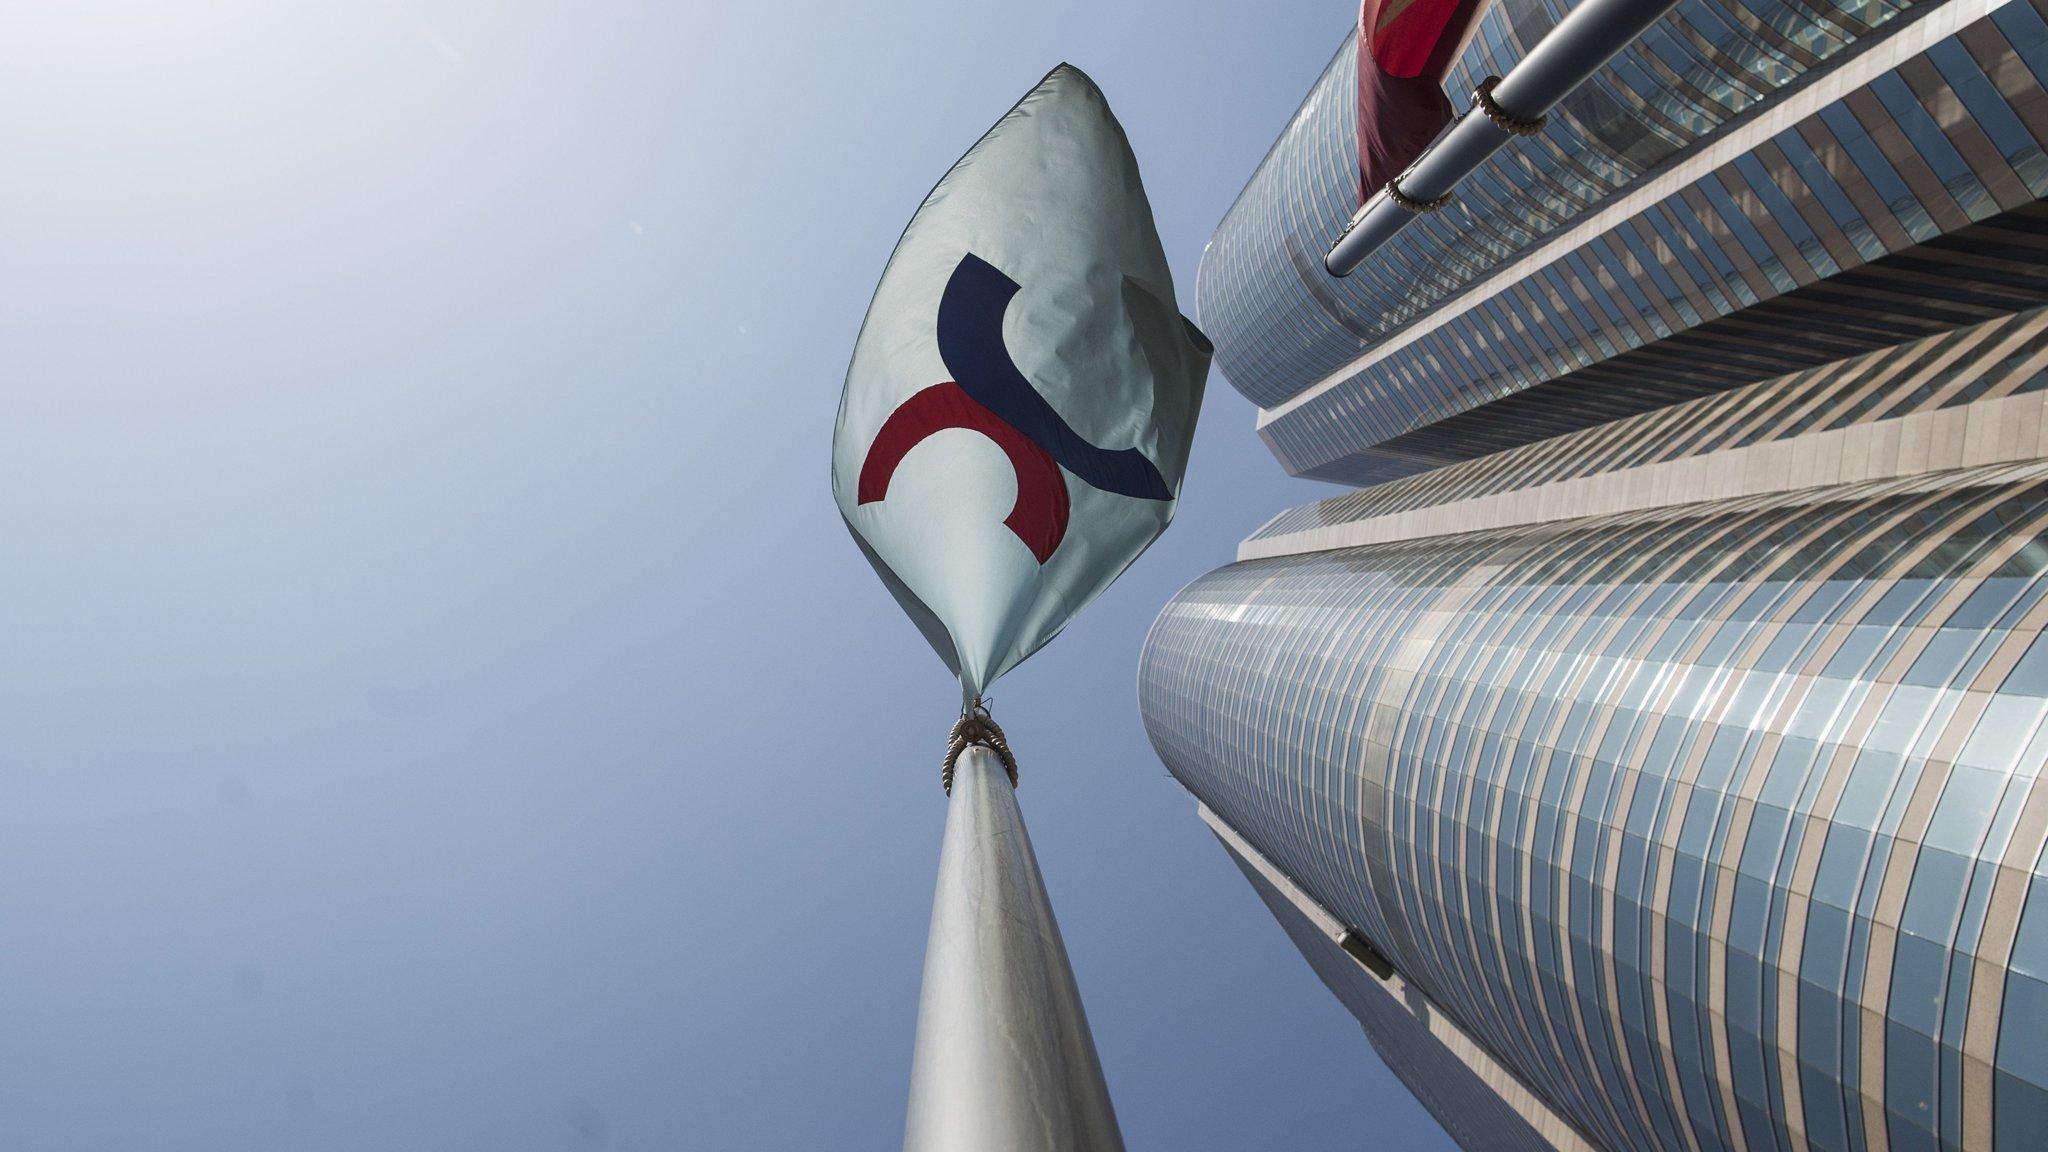 香港股市權值股懶人包 香港股票指標個股介紹整理 上4 海底撈國際控股,騰訊控股,太古地產 @東南亞投資報告